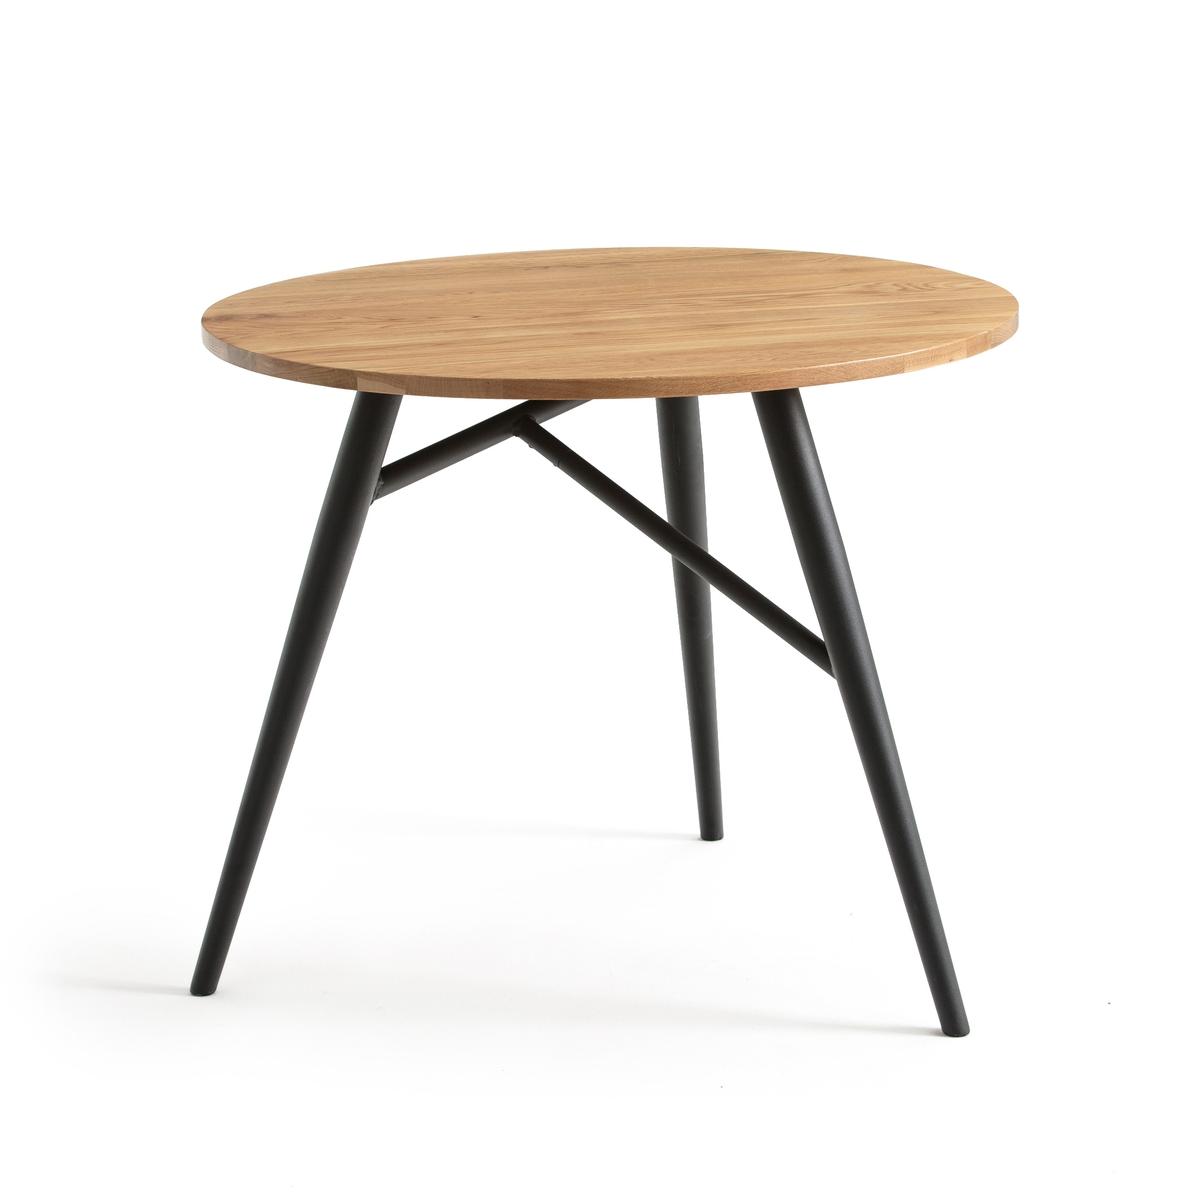 Стол с круглой столешницей на 3 персоны CRUESOУютный обеденный стол Crueso с круглой столешницей из массива дуба и великолепной ножкой из металла, окрашенного черной краской, на 2-3 персоны.           Характеристики обеденного стола на 3 персоны Crueso :Круглая столешница из массива дуба, покрытие полиуретановым лаком, толщина 25 мм. Веретенообразная ножка из стали, окрашенной матовой краской черного цвета, покрытие эпоксидным лаком.Пластиковые накладки на ножки. Откройте для себя всю коллекцию Crueso на сайте laredoute.ruРазмеры обеденного стола на 3 персоны Crueso :Диаметр 90 смВысота 75 смРазмеры и вес упаковки :     1 упаковка     101 x 23,5 x 104 см     23 кг  :.  ! ! .      .: : :<br><br>Цвет: дуб